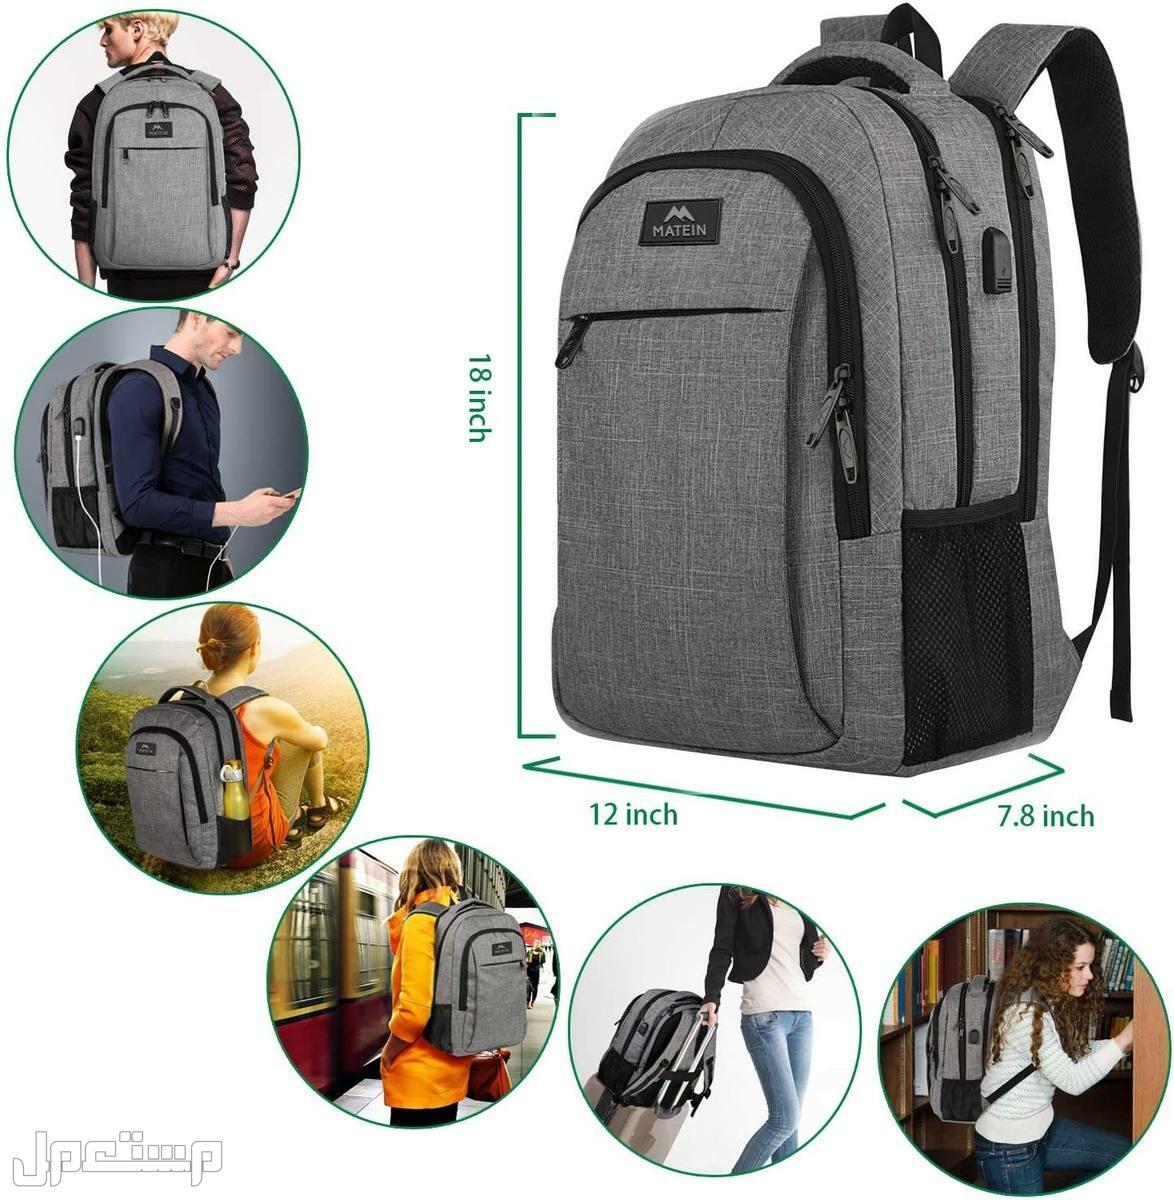 حقيبة كمبيوتر محمول من ماتين للسفر ، حقيبة كمبيوتر محمول نحيفة ومقاومة للسر